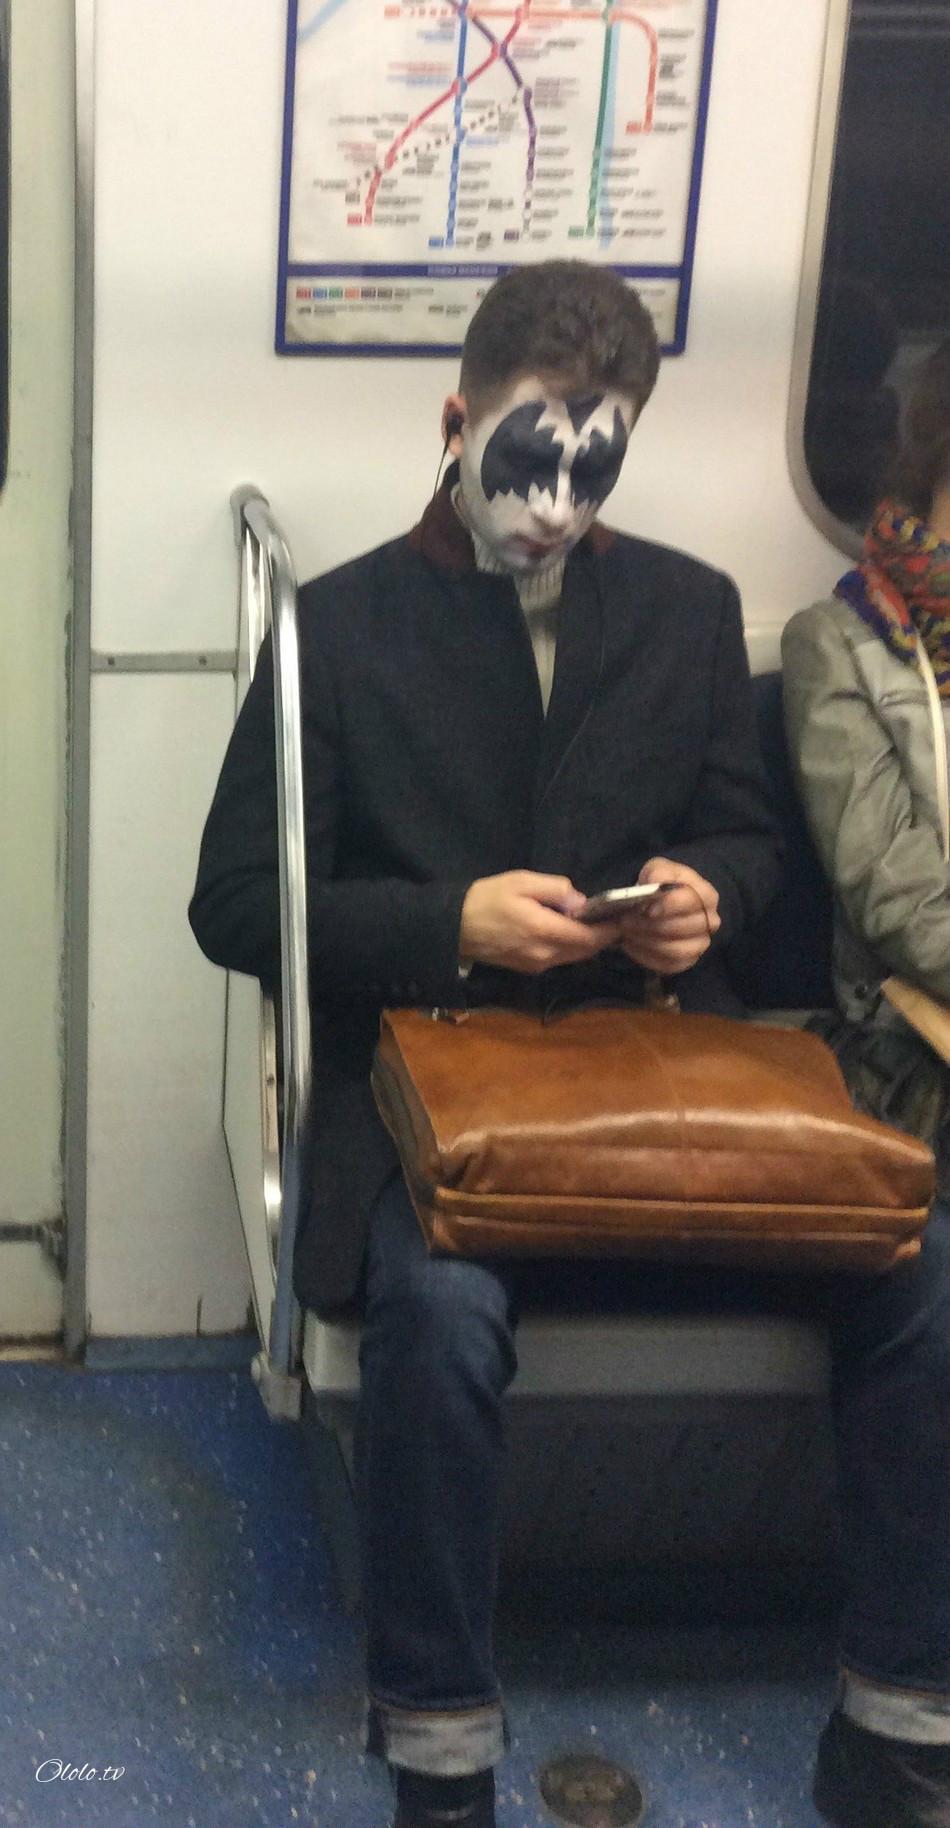 Модные люди в метро 2: осторожно, здесь может быть ваша фотография! рис 21